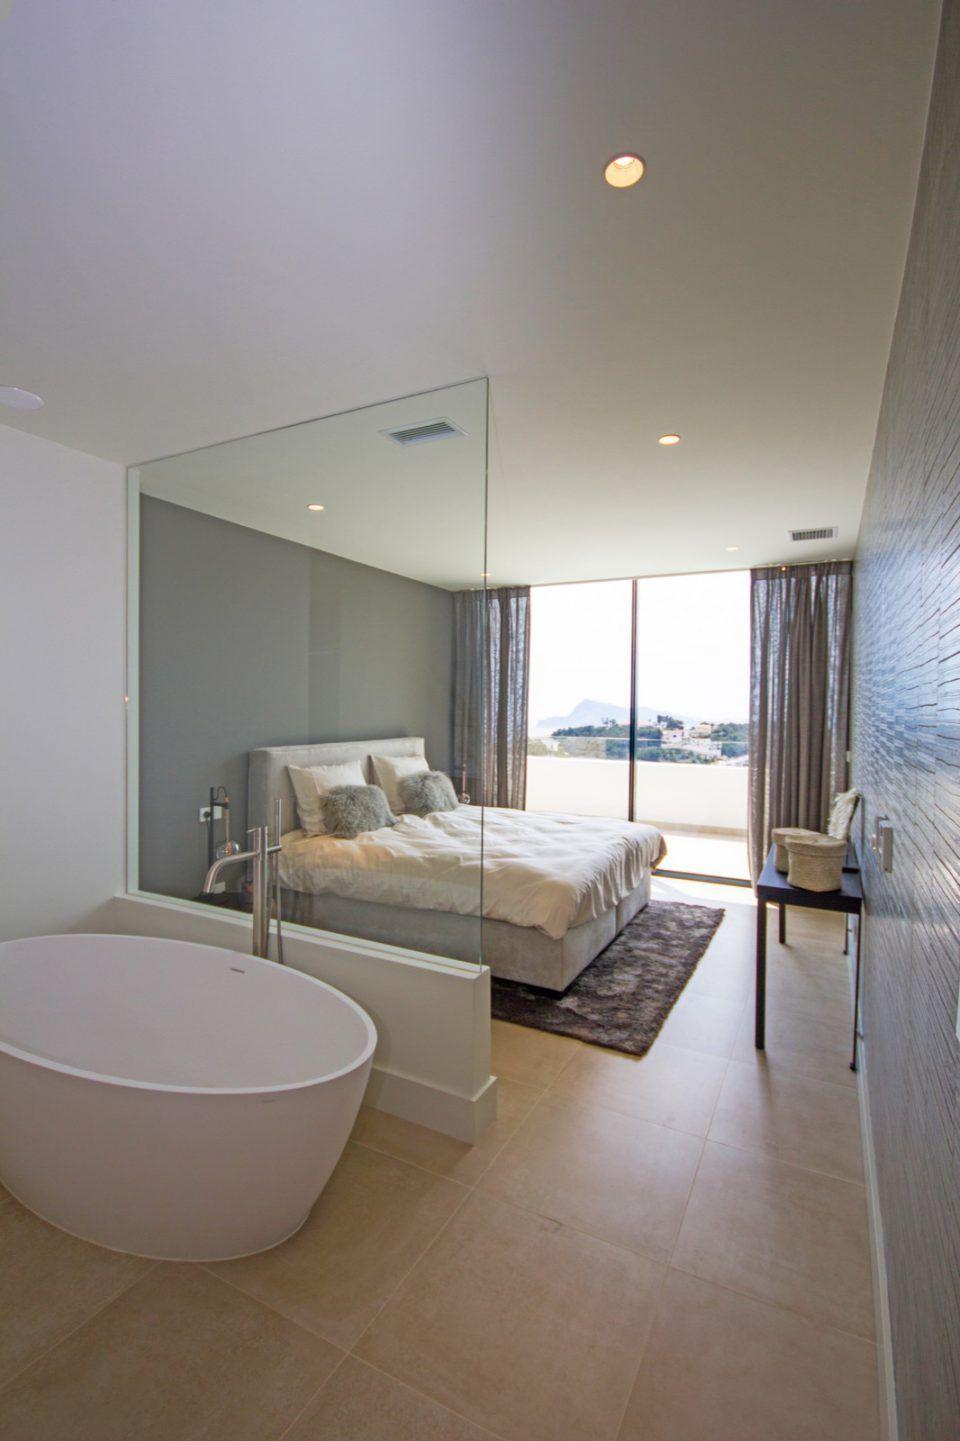 Slaapkamer inrichting met luxe bed en ronde badkuip | slaapkamer ...